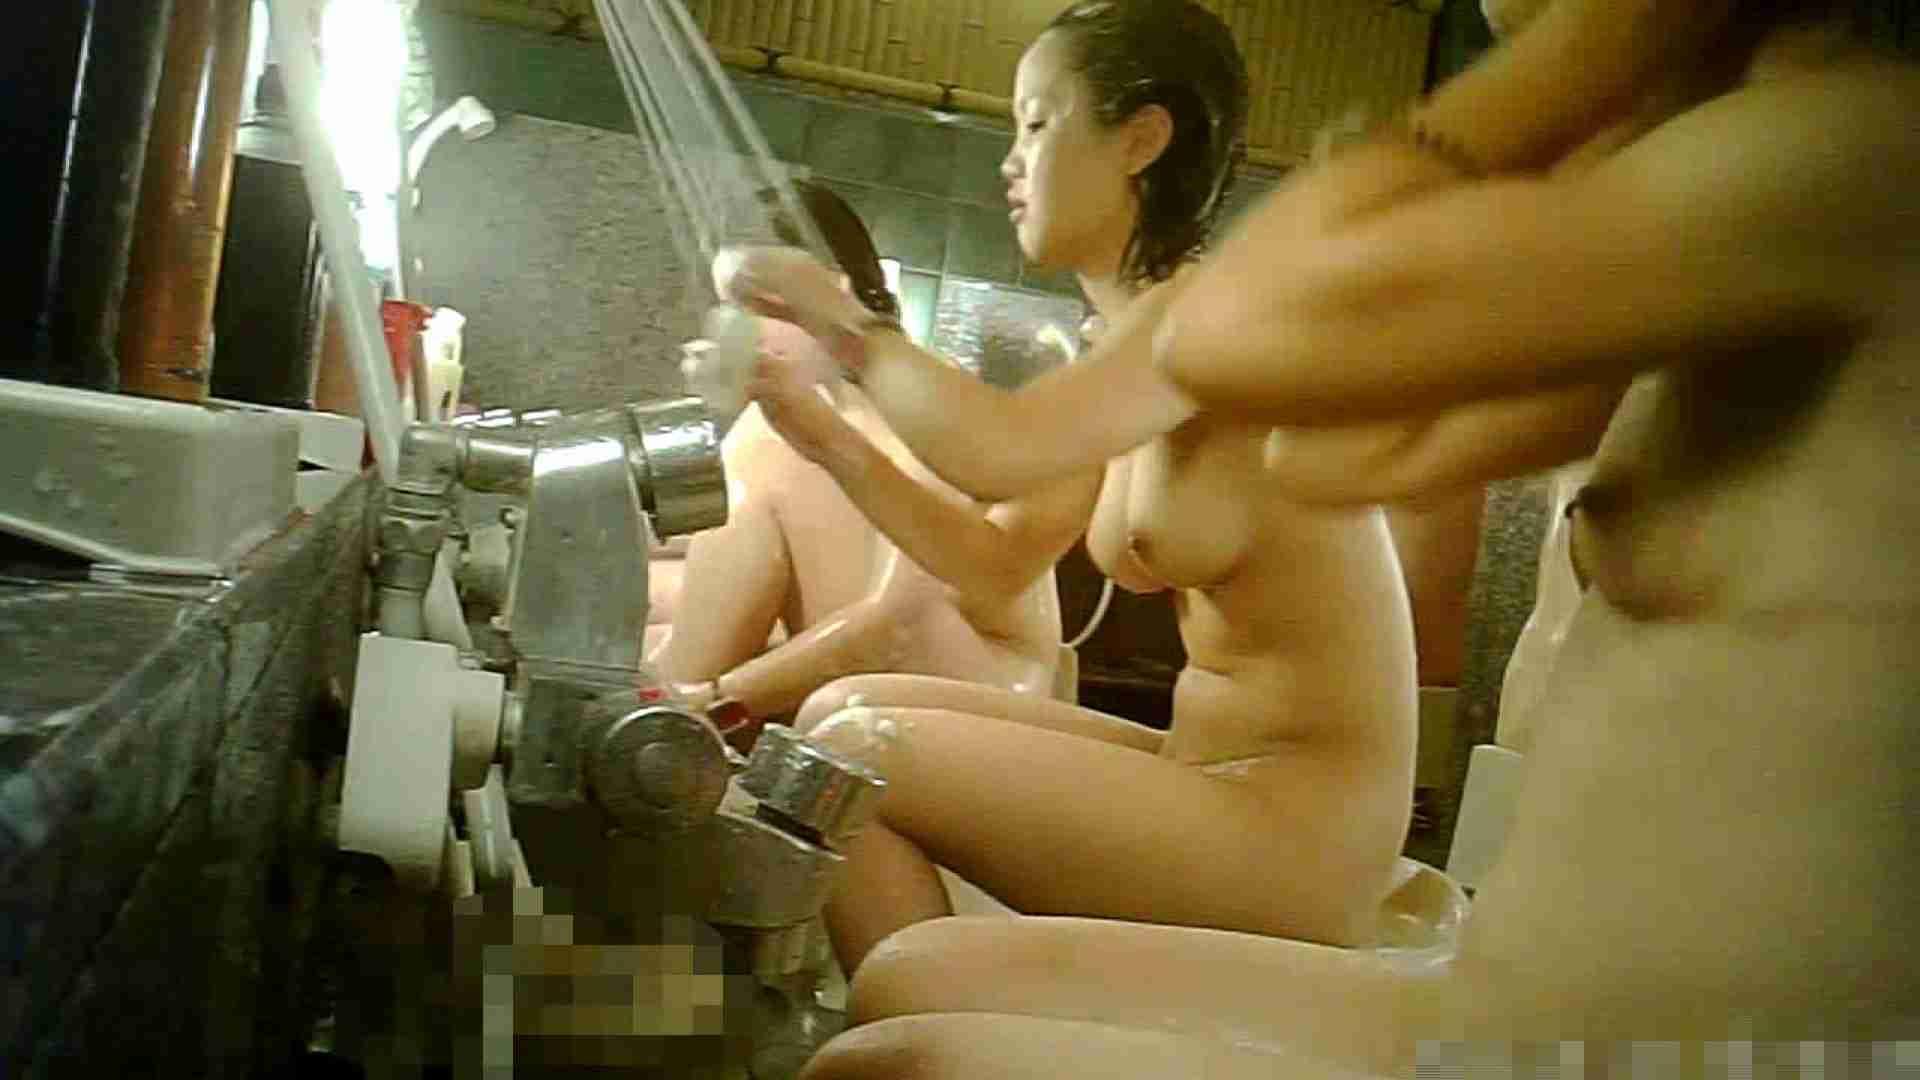 手を染めてしまった女性盗撮師の女風呂潜入記 vol.006 潜入 セックス画像 100PIX 20